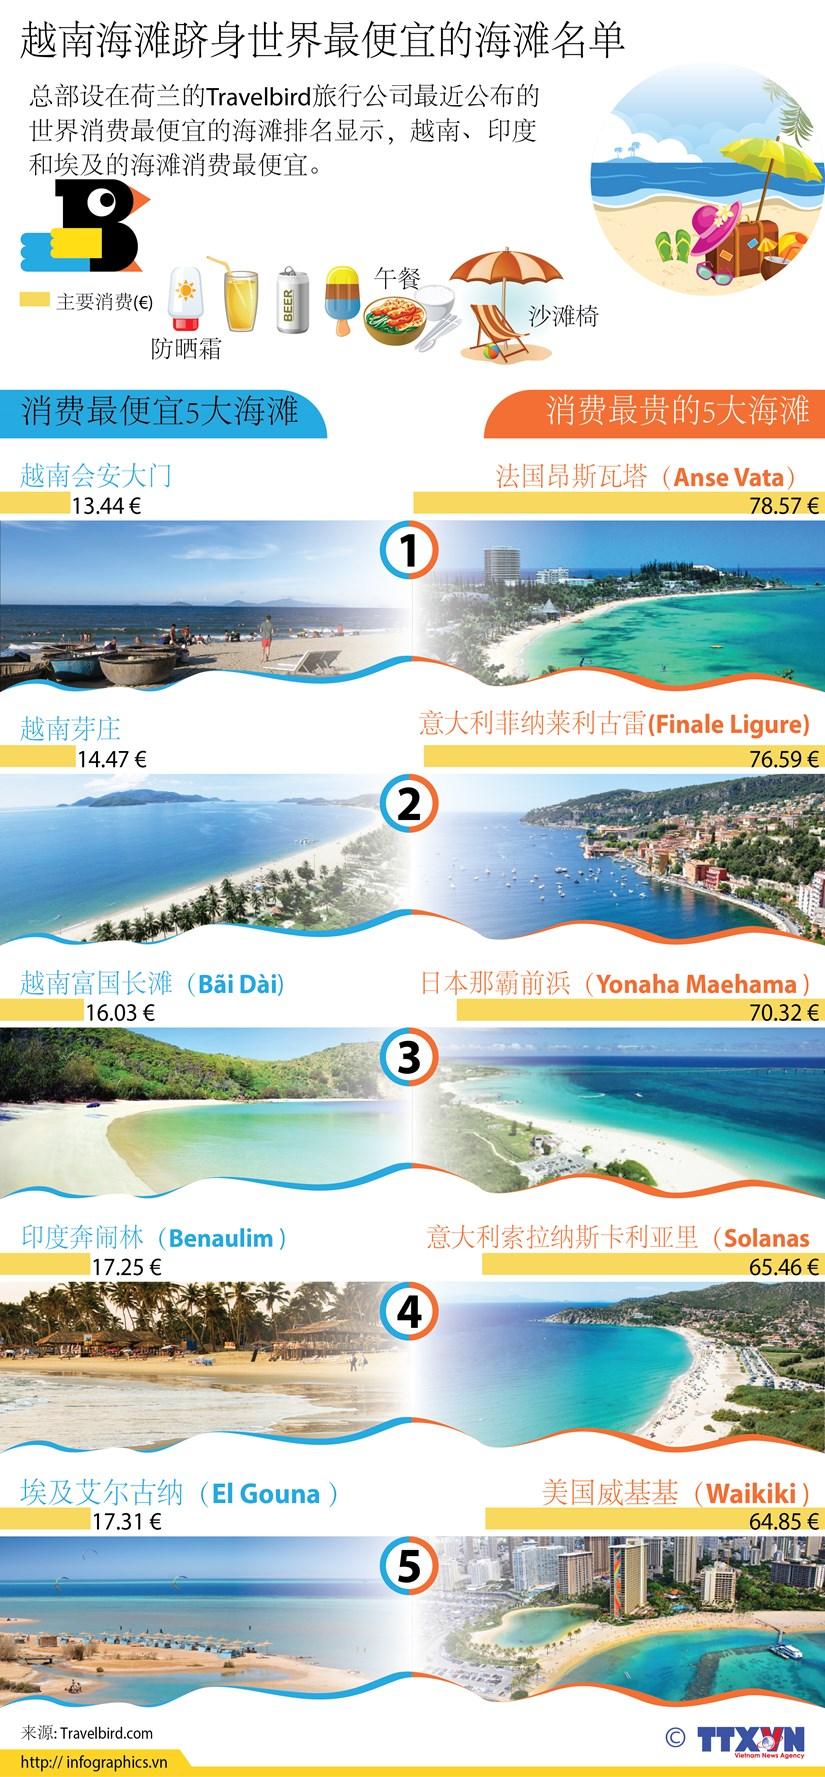 图表新闻:越南海滩跻身世界最便宜的海滩名单 hinh anh 1